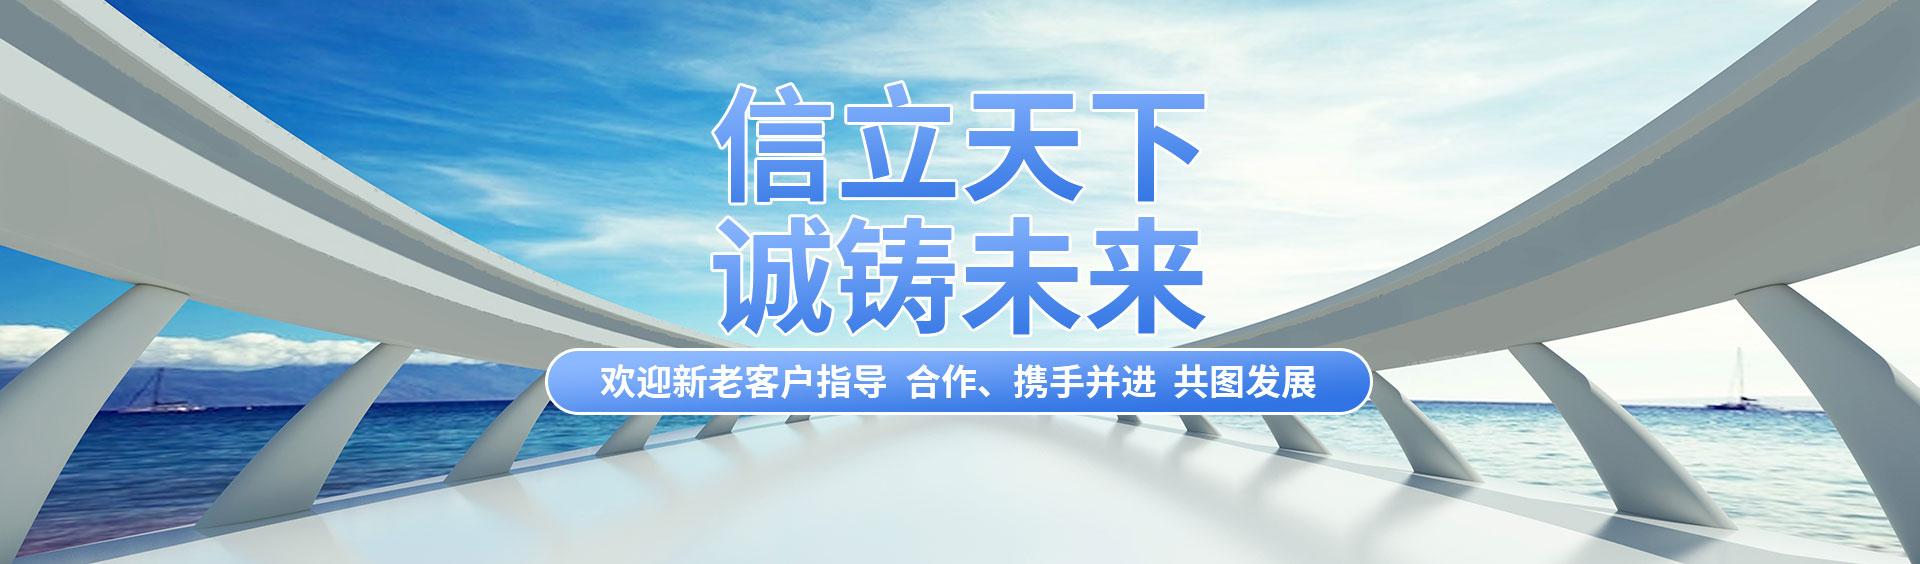 北京忆思诚服装有限公司